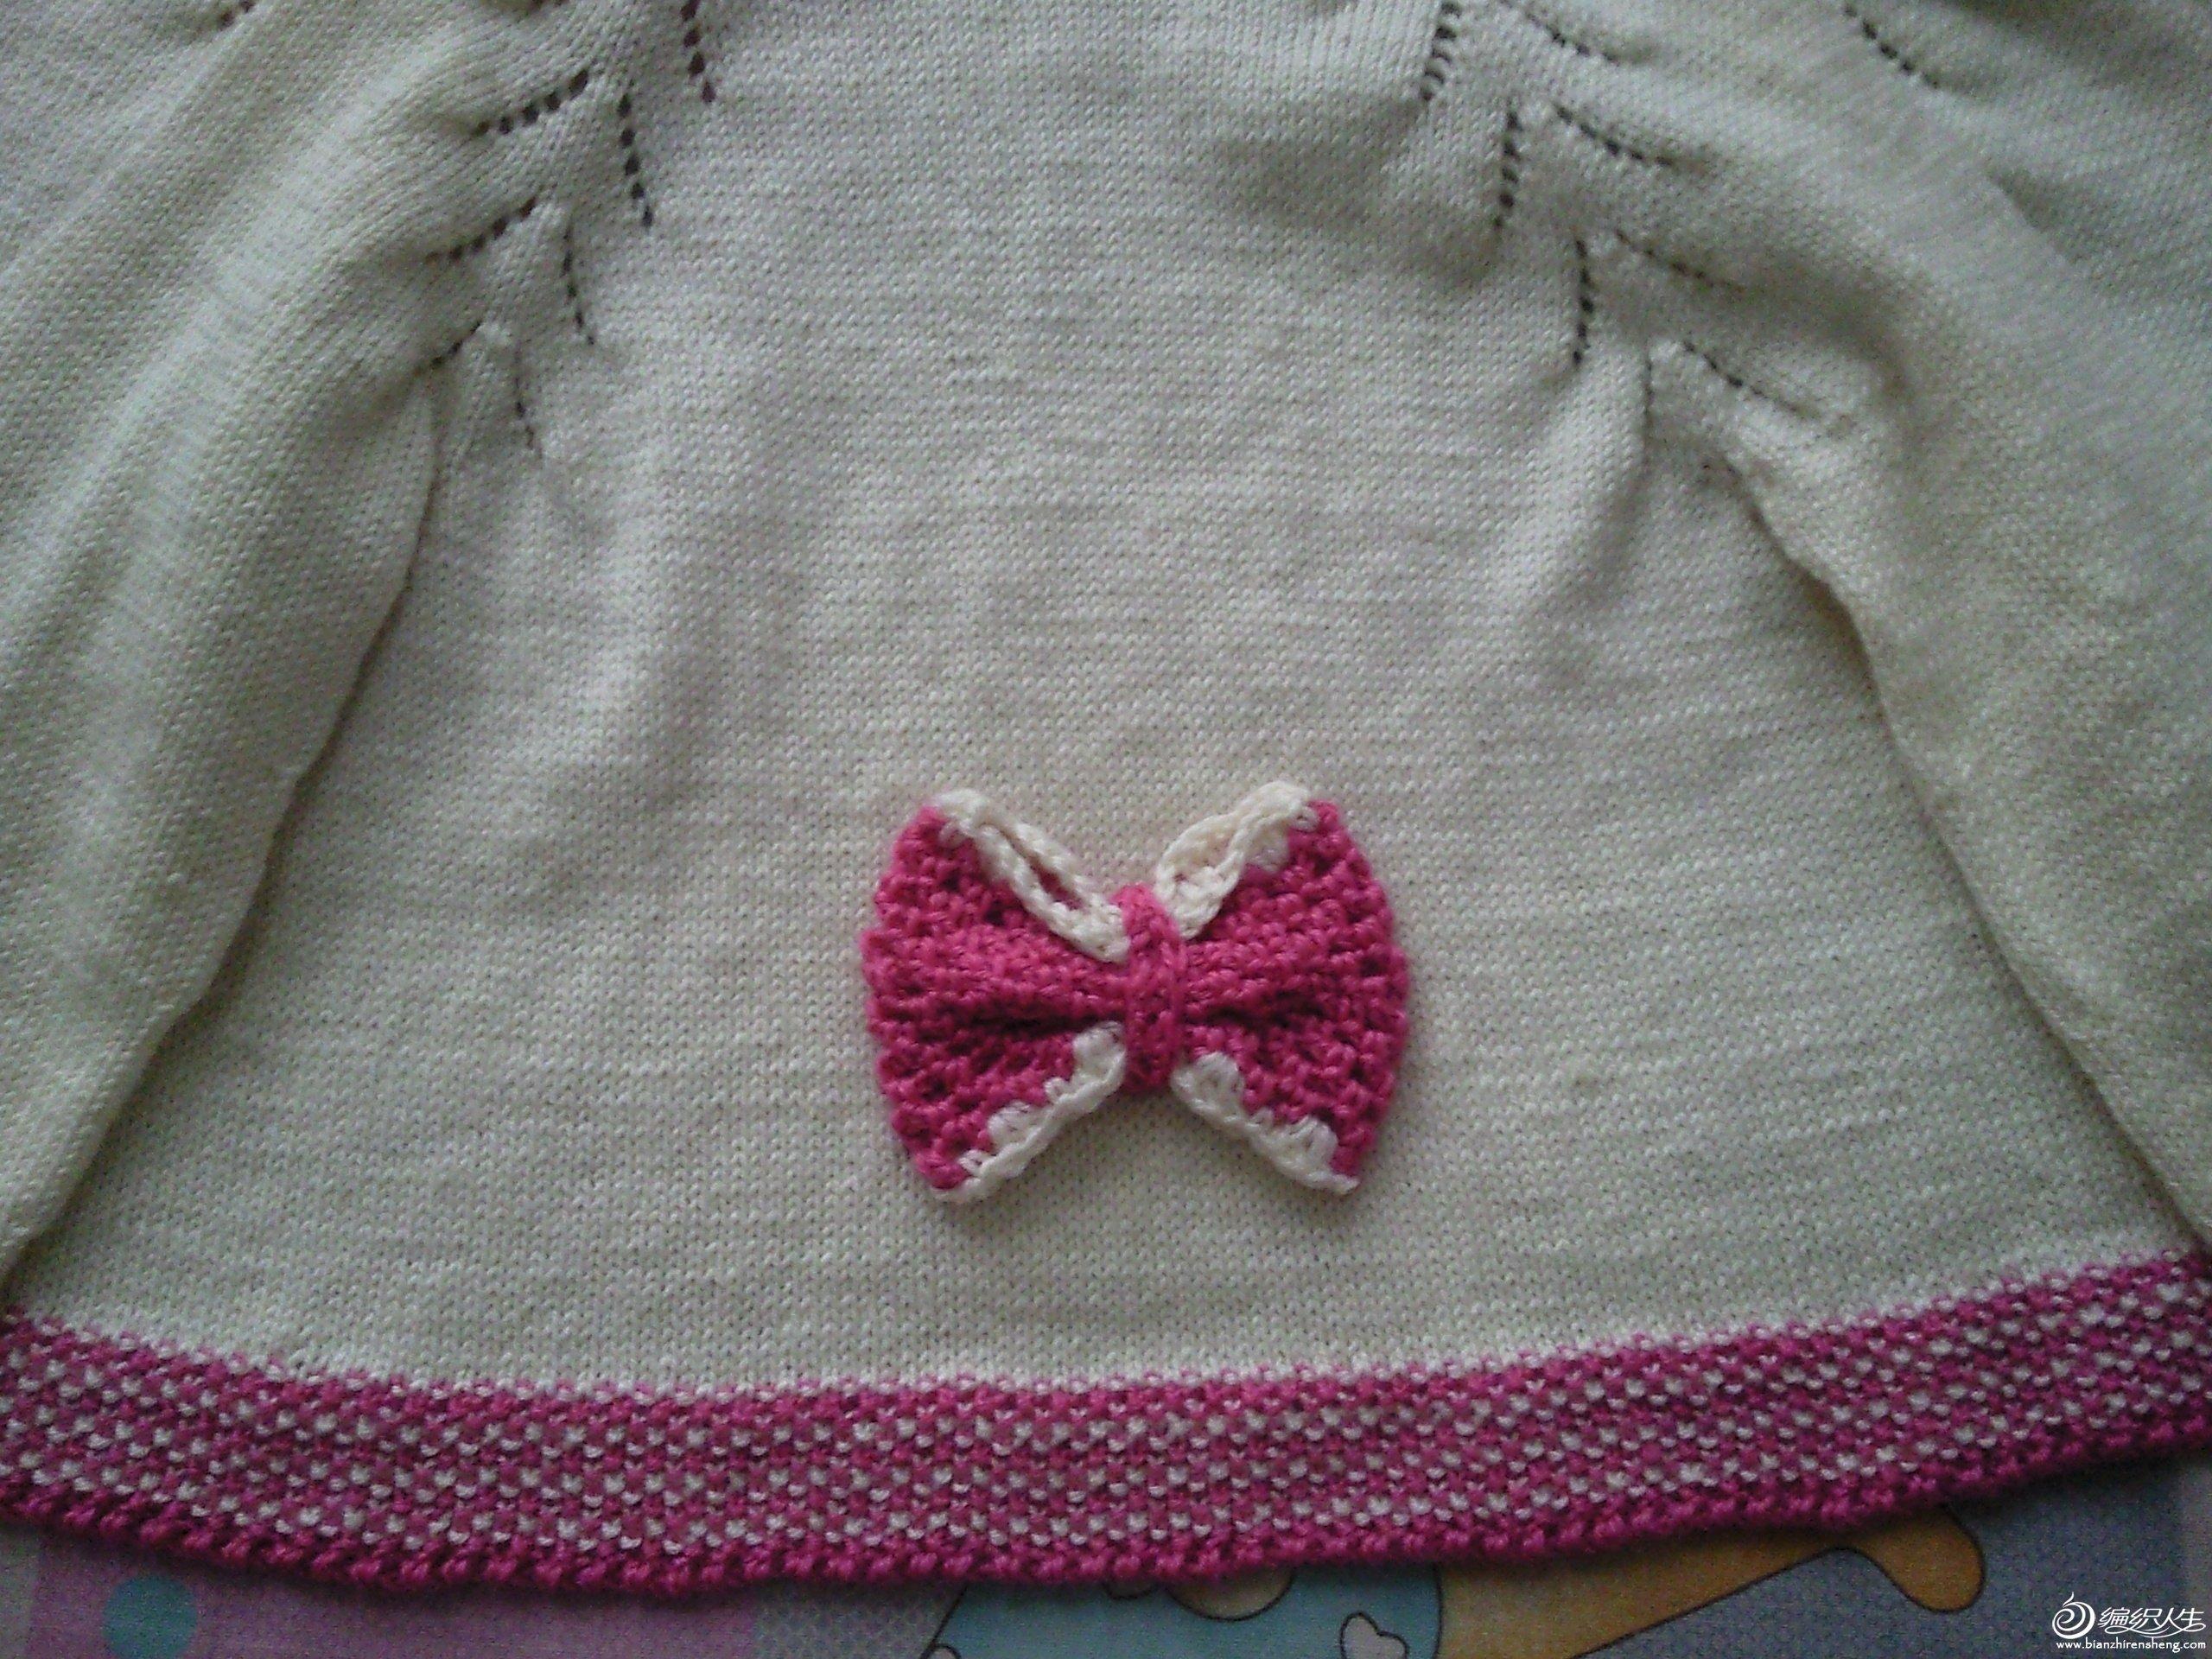 后背:美丽蝴蝶结